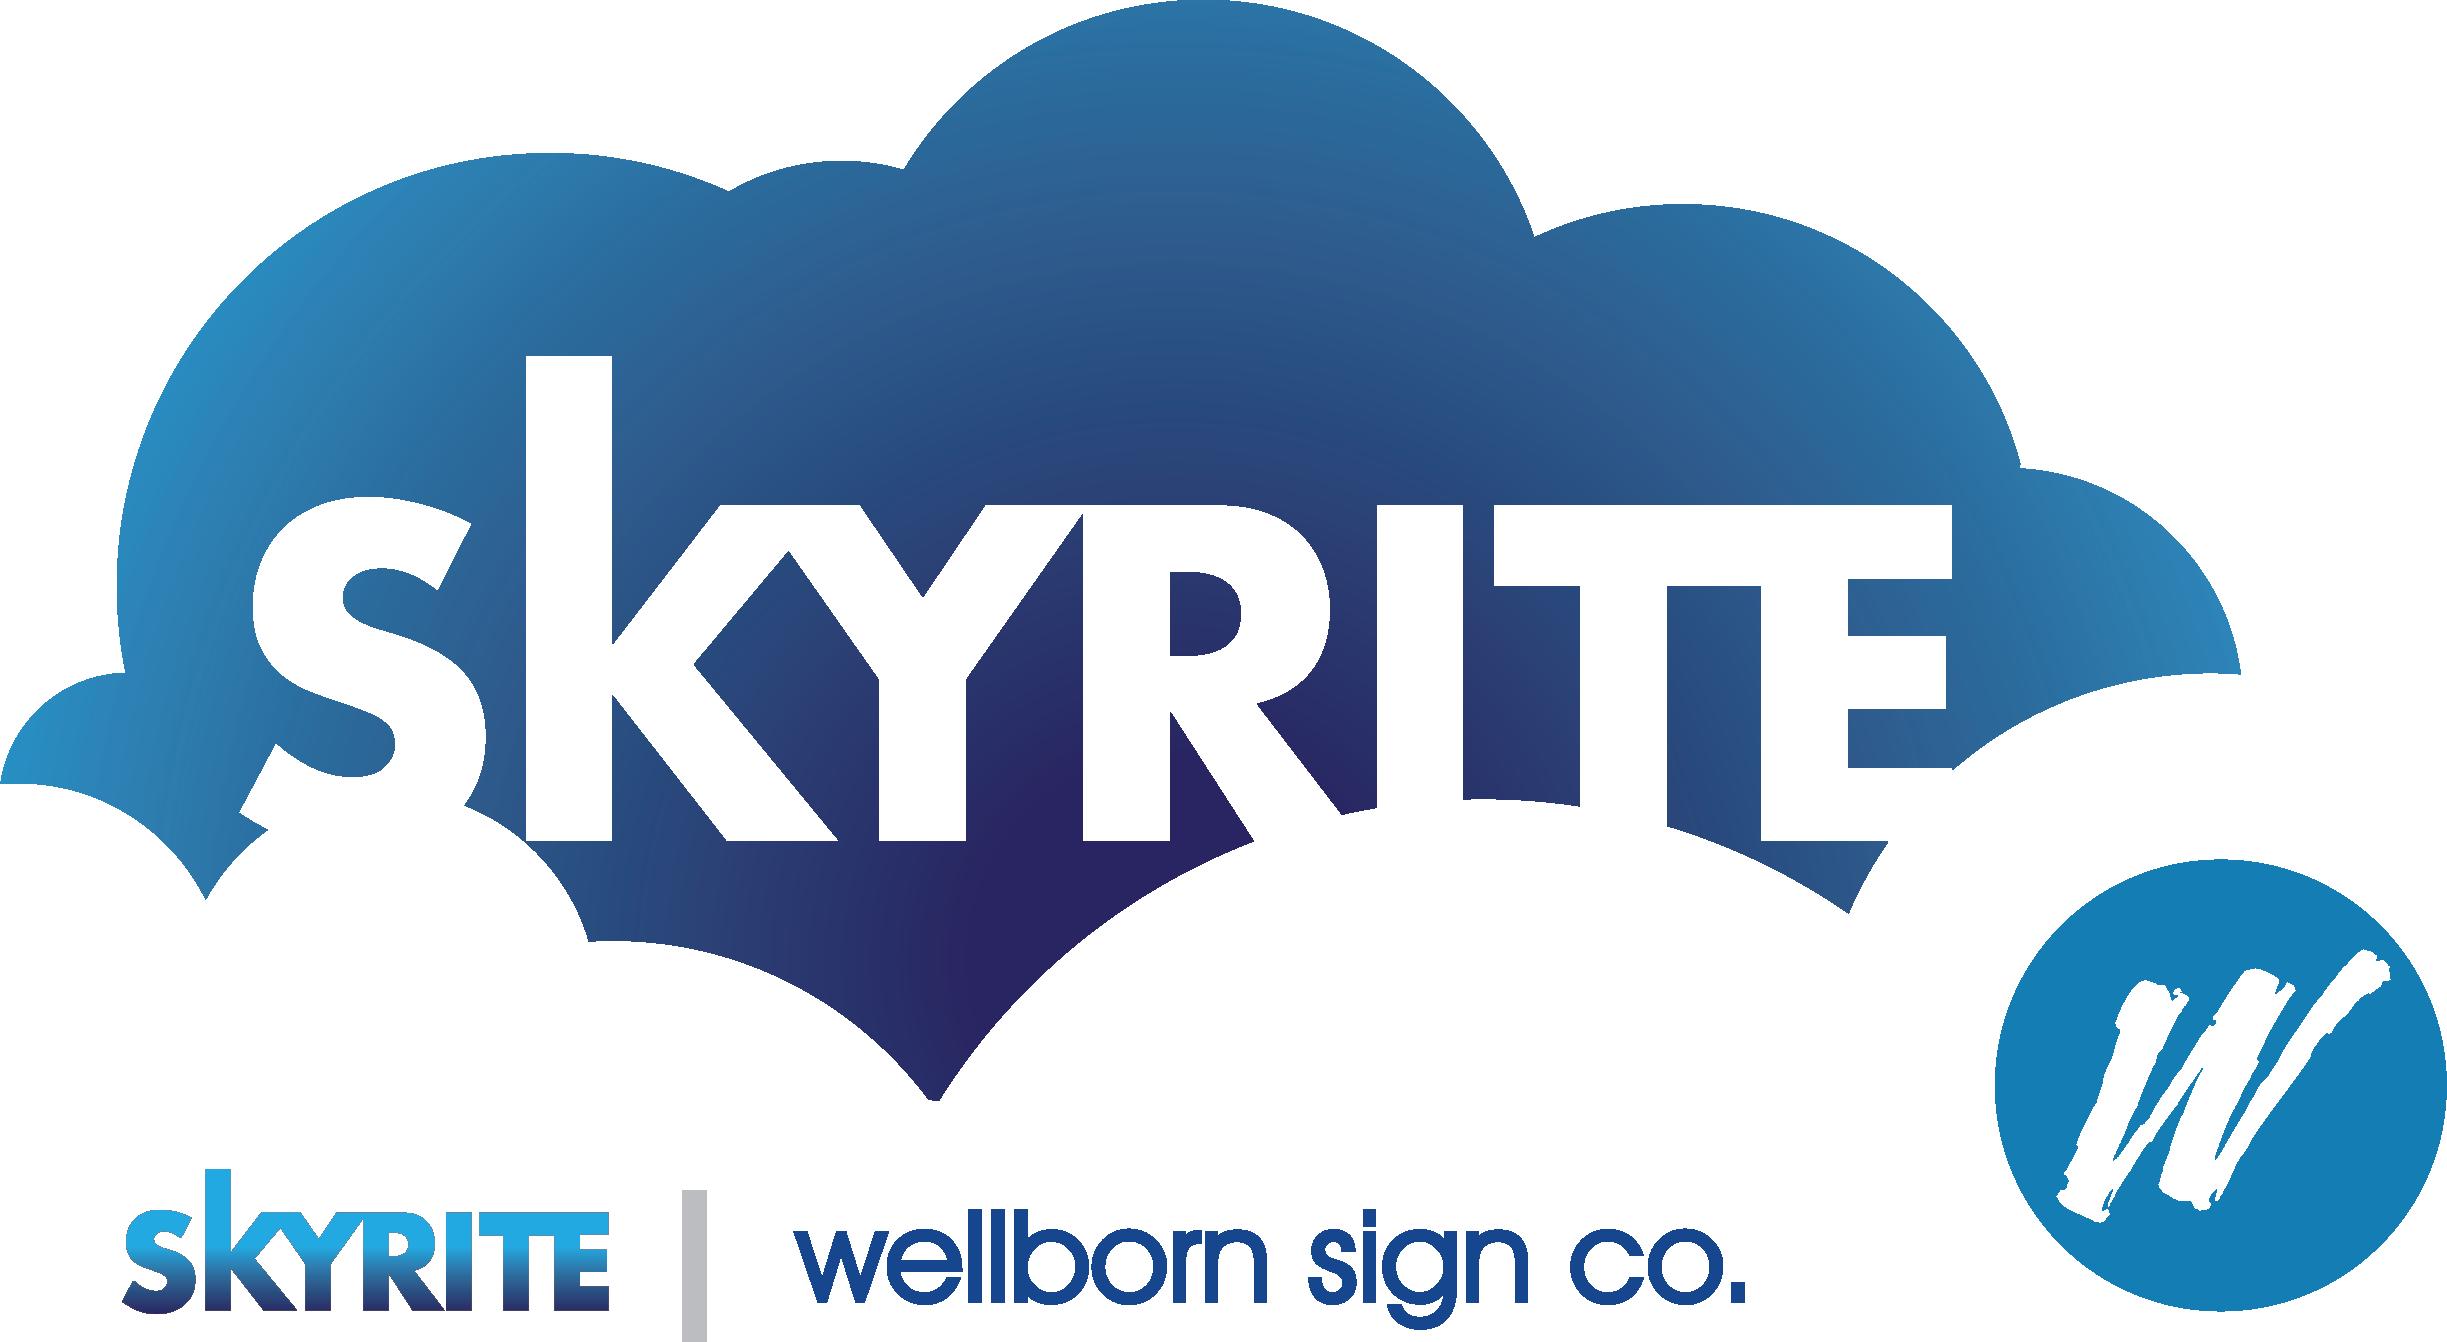 SkyRite Signage Company logo